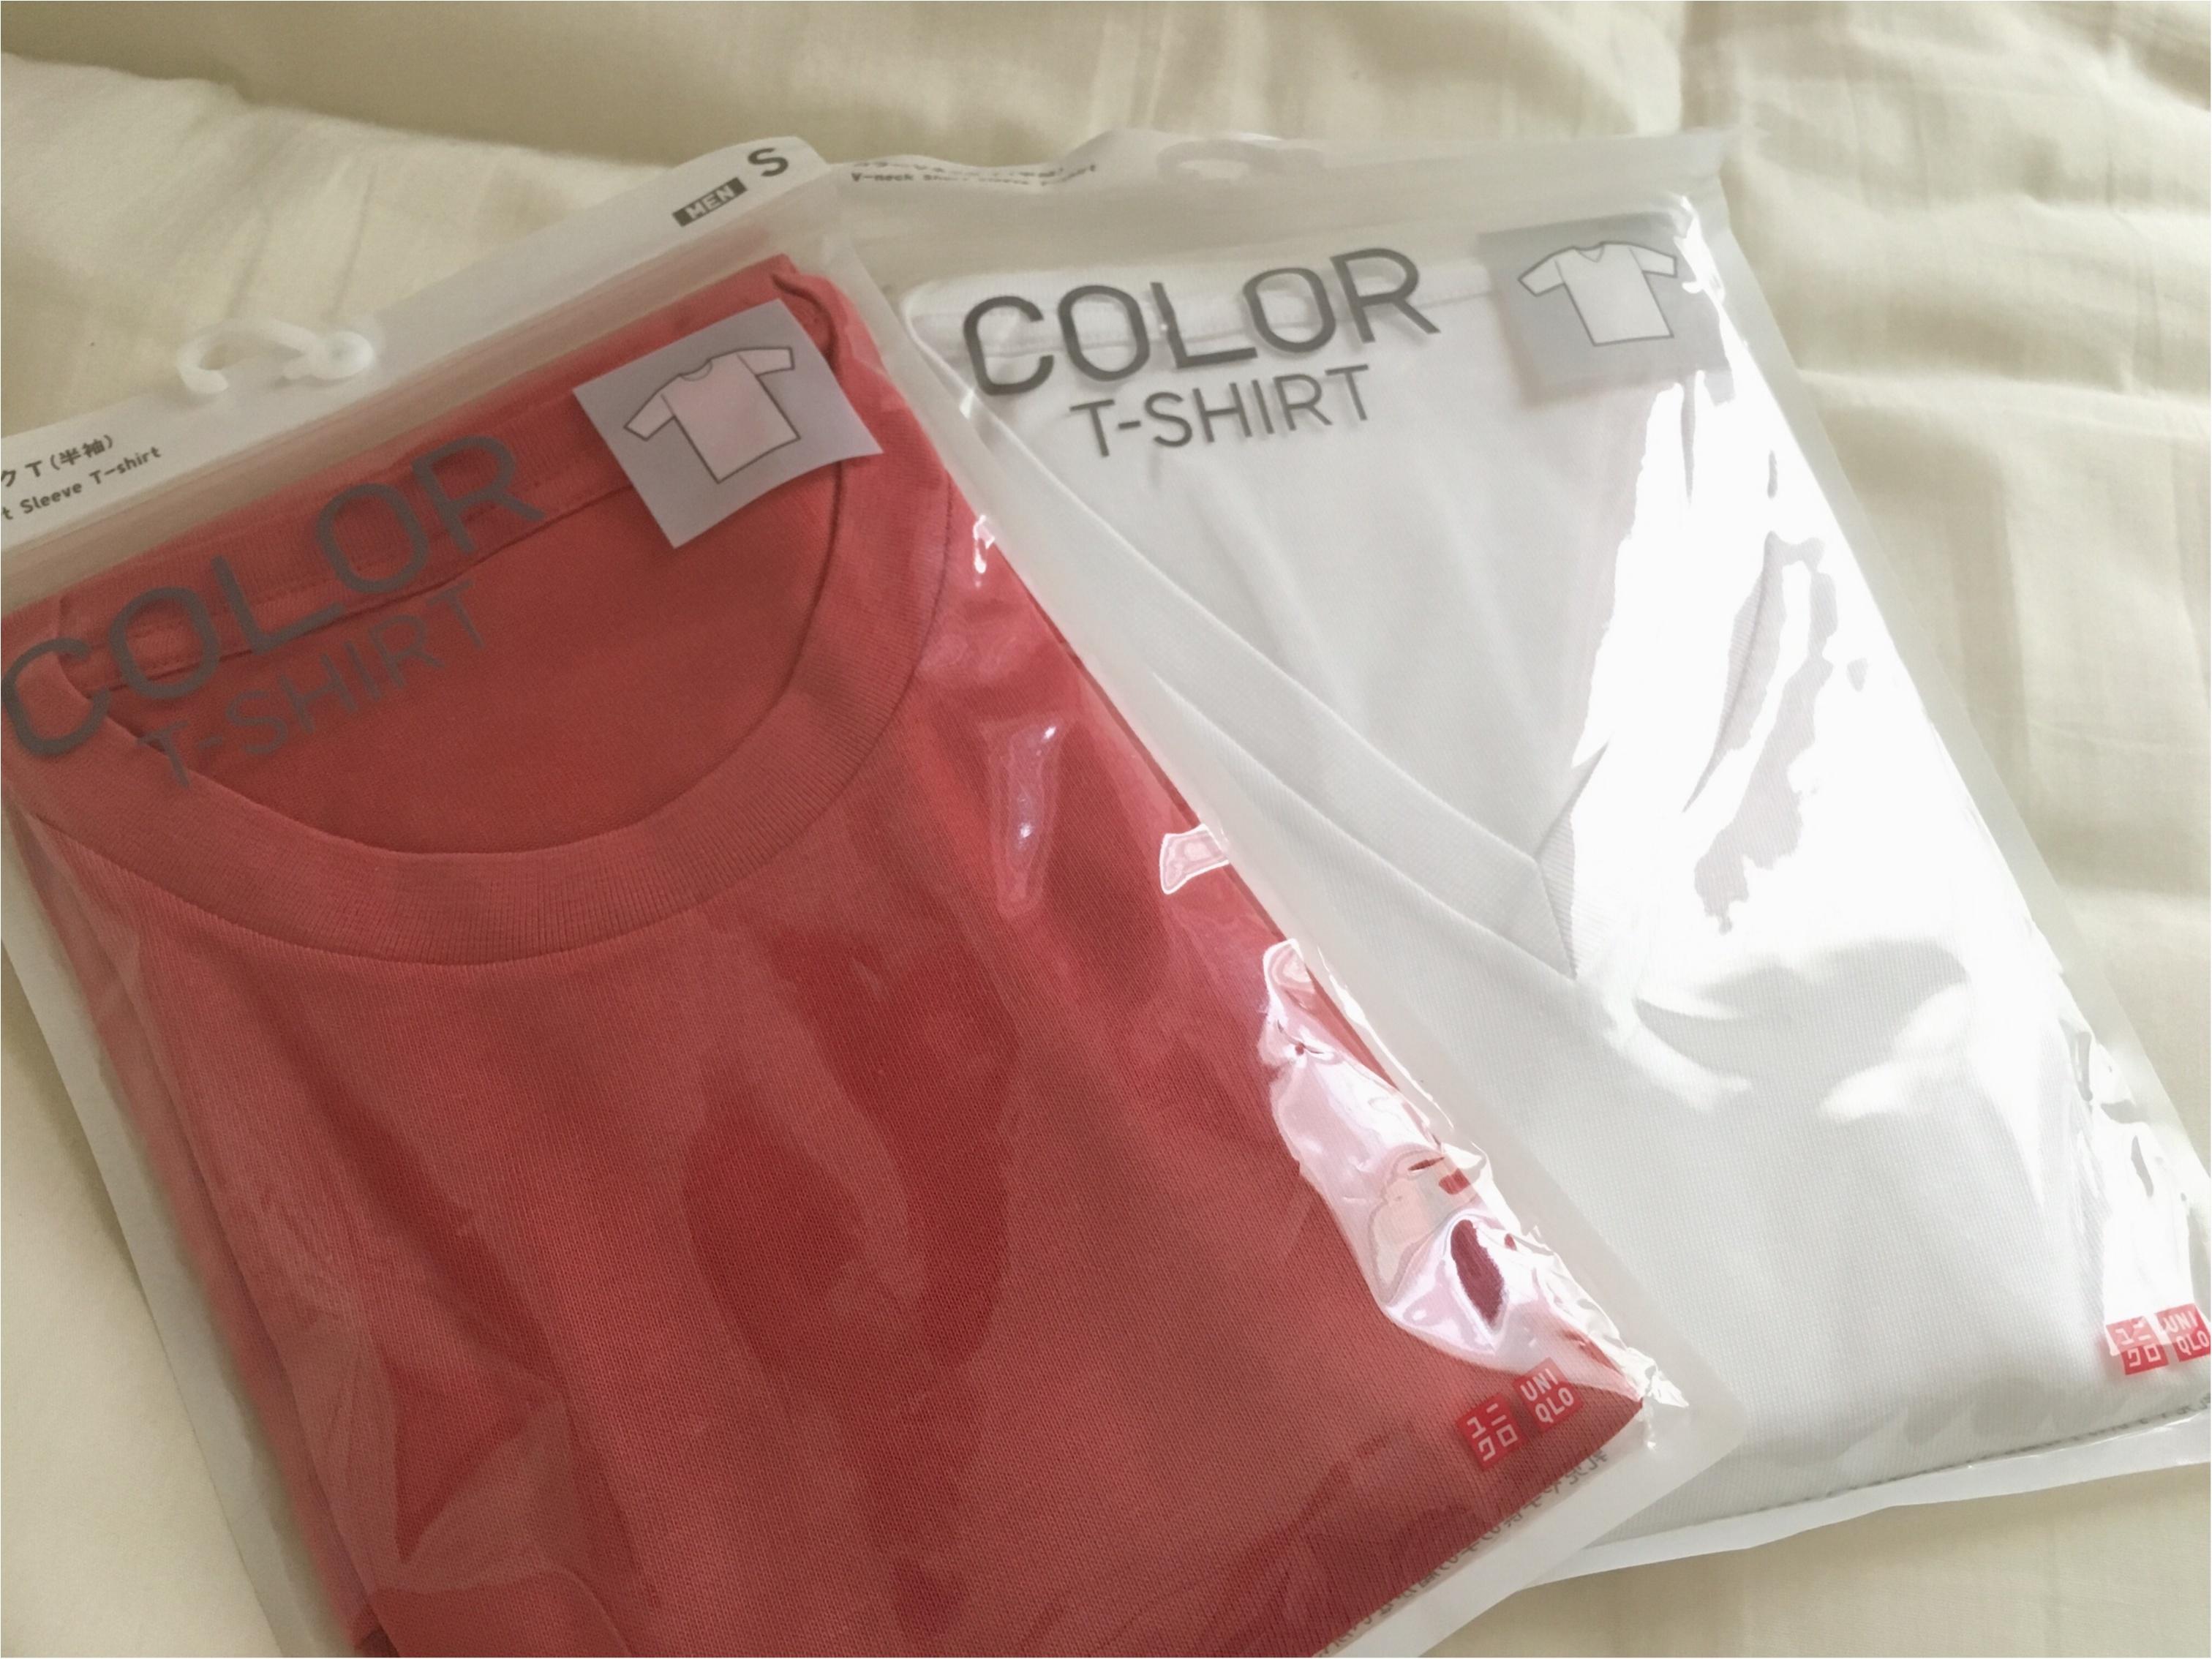 ★今年も『パックT』の季節がやってきた!優秀すぎる【UNIQLO】Tシャツを390円でget!_1